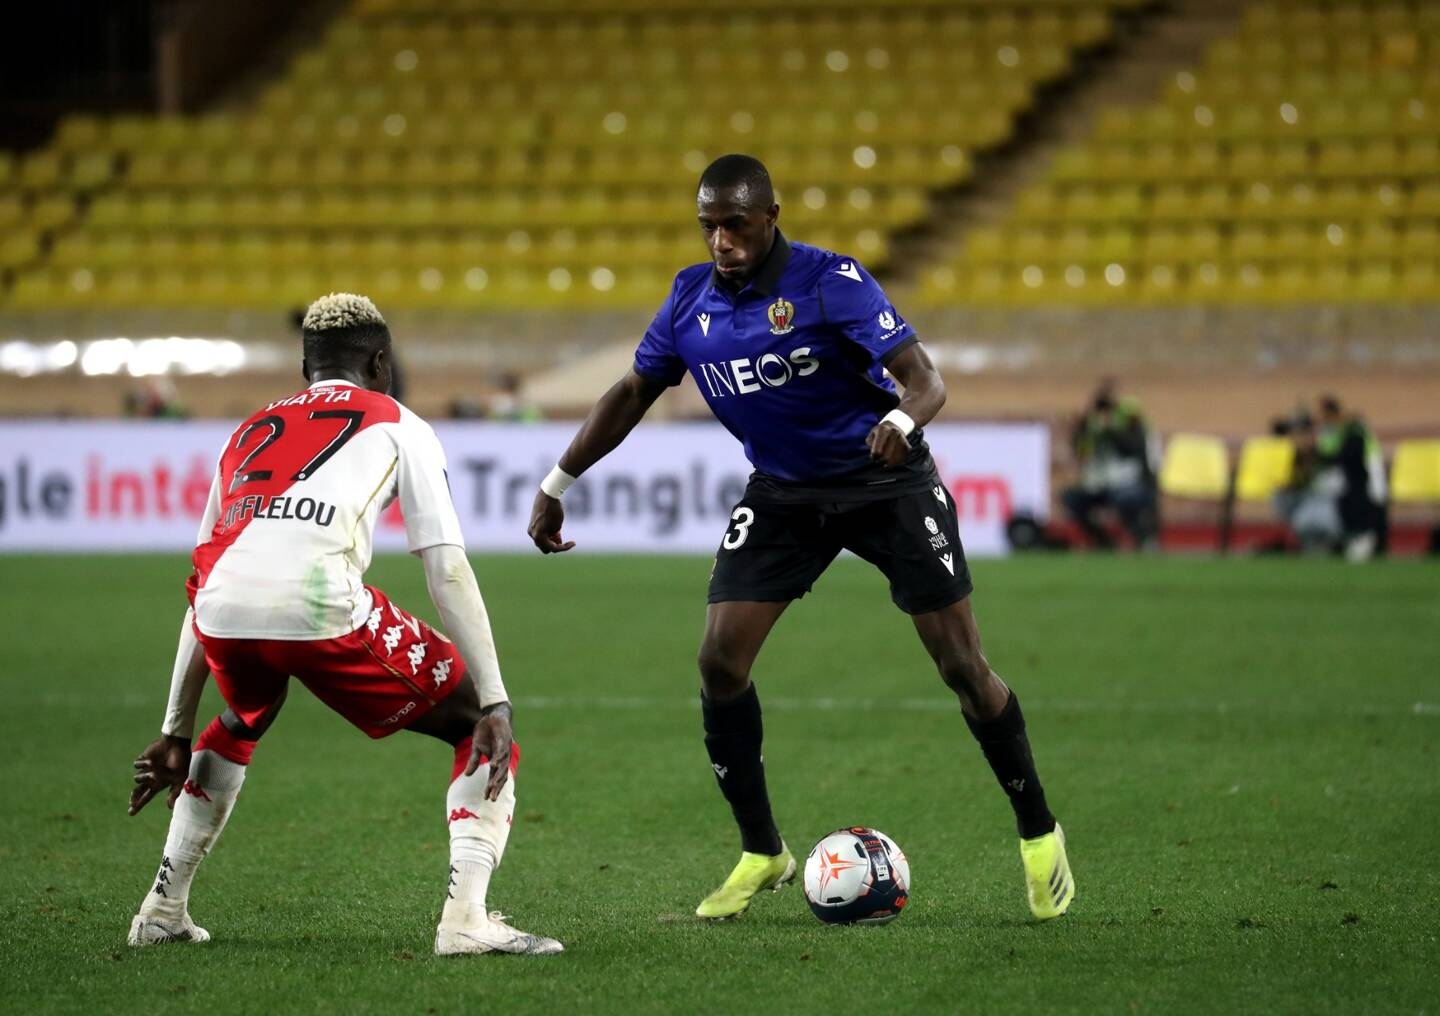 Youcef Atal forfait de dernière minute, Stanley Nsoki derrière et Hassane Kamara (photo) devrait occuper le côté gauche de l'attaque.